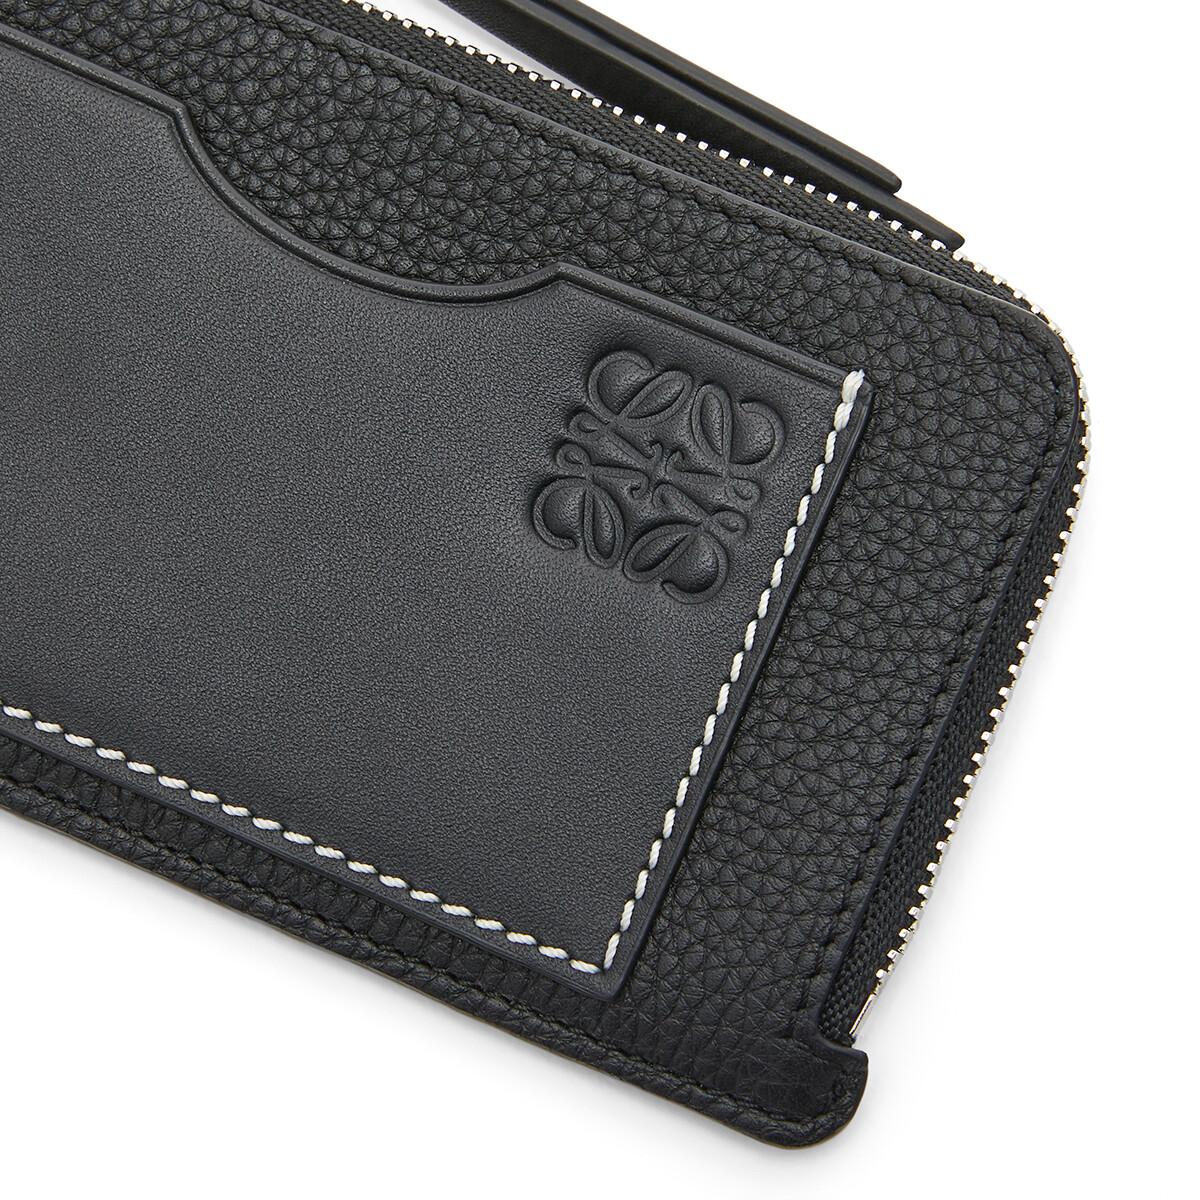 LOEWE Coin Cardholder Black front